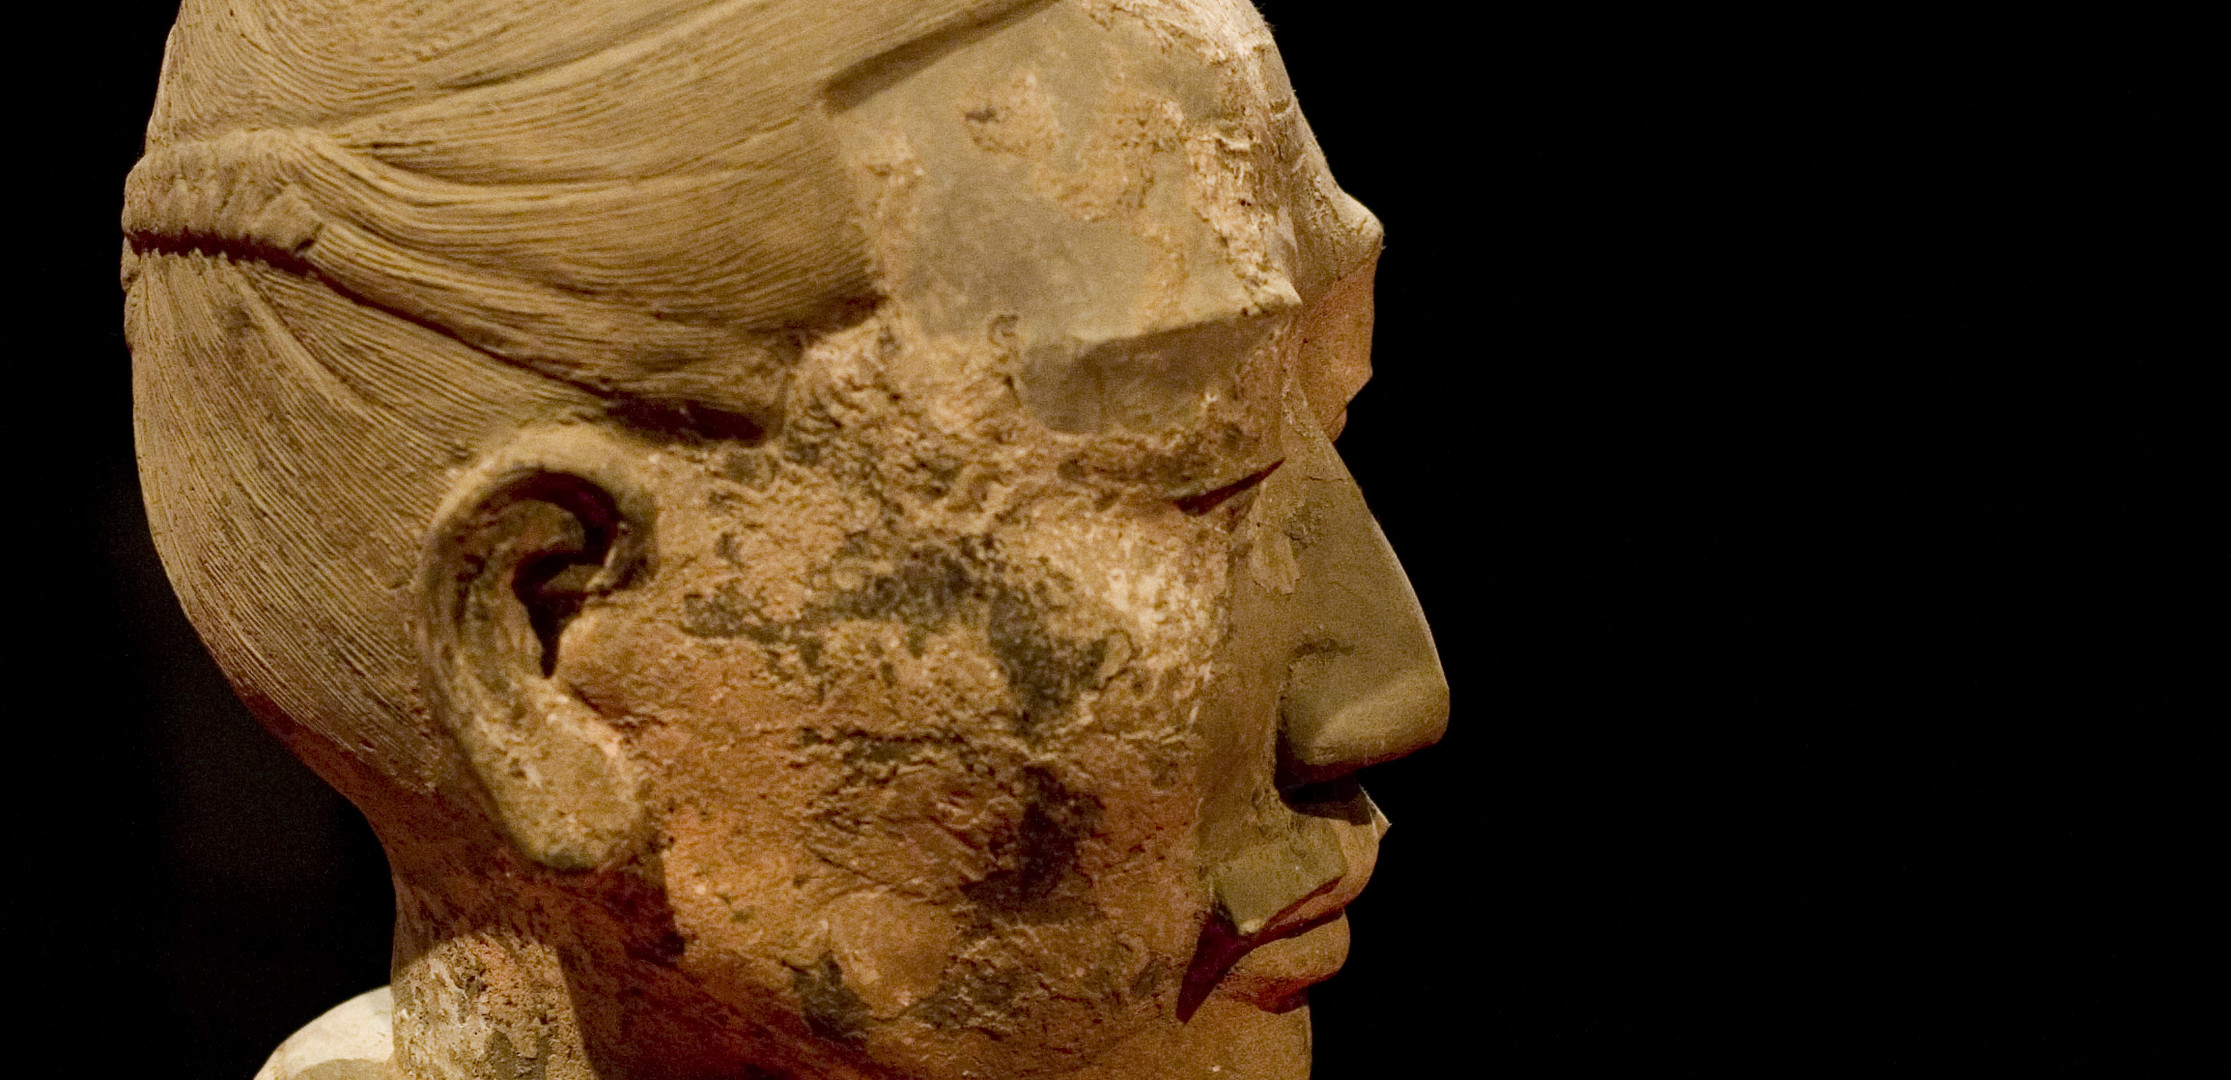 Soldat aus der Qin-Dynastie